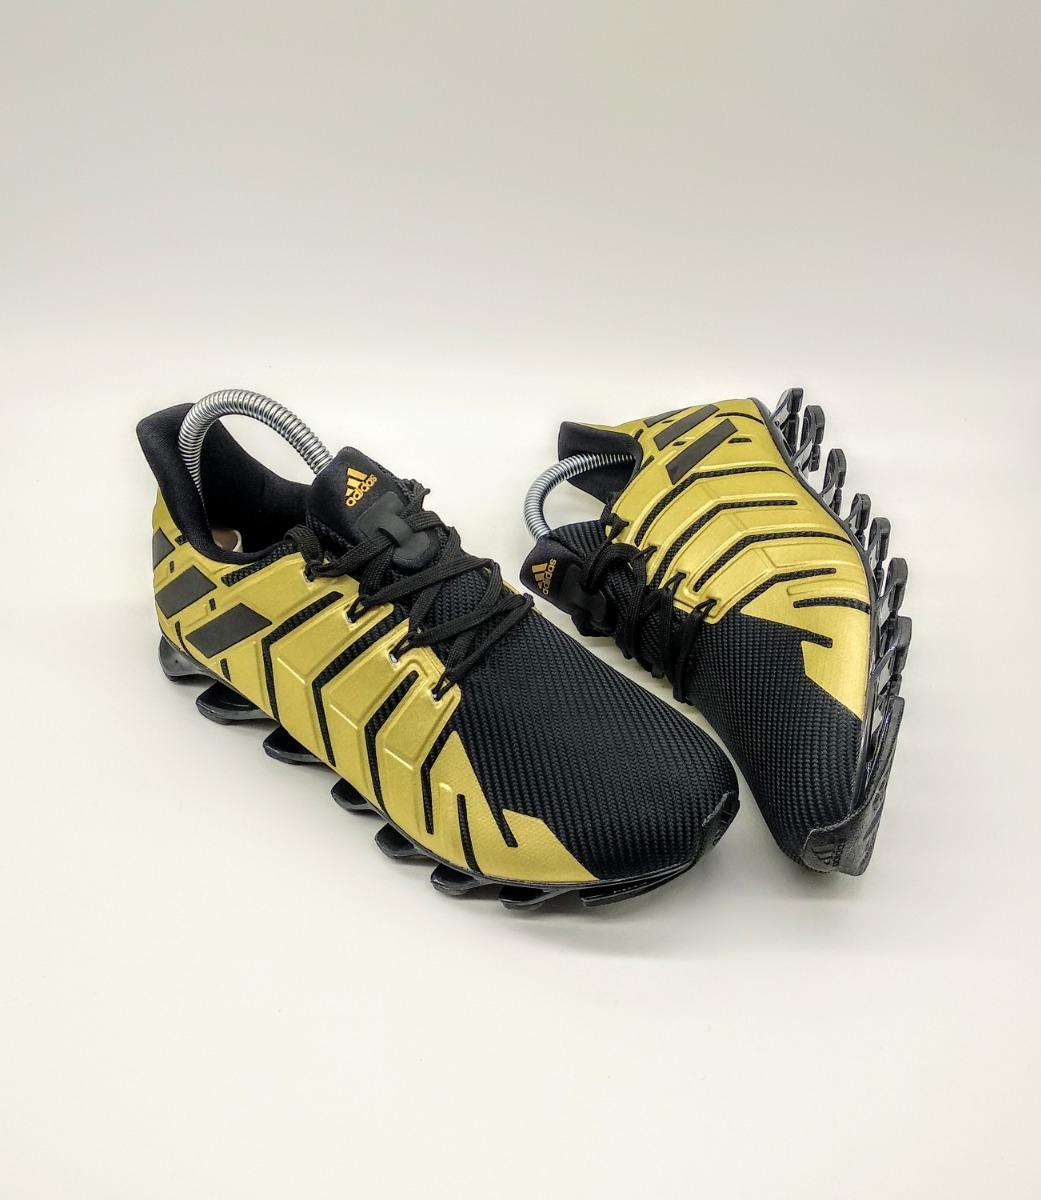 91925c9cb9 tenis adidas springblade pro bw0584 preto-dourado. Carregando zoom.